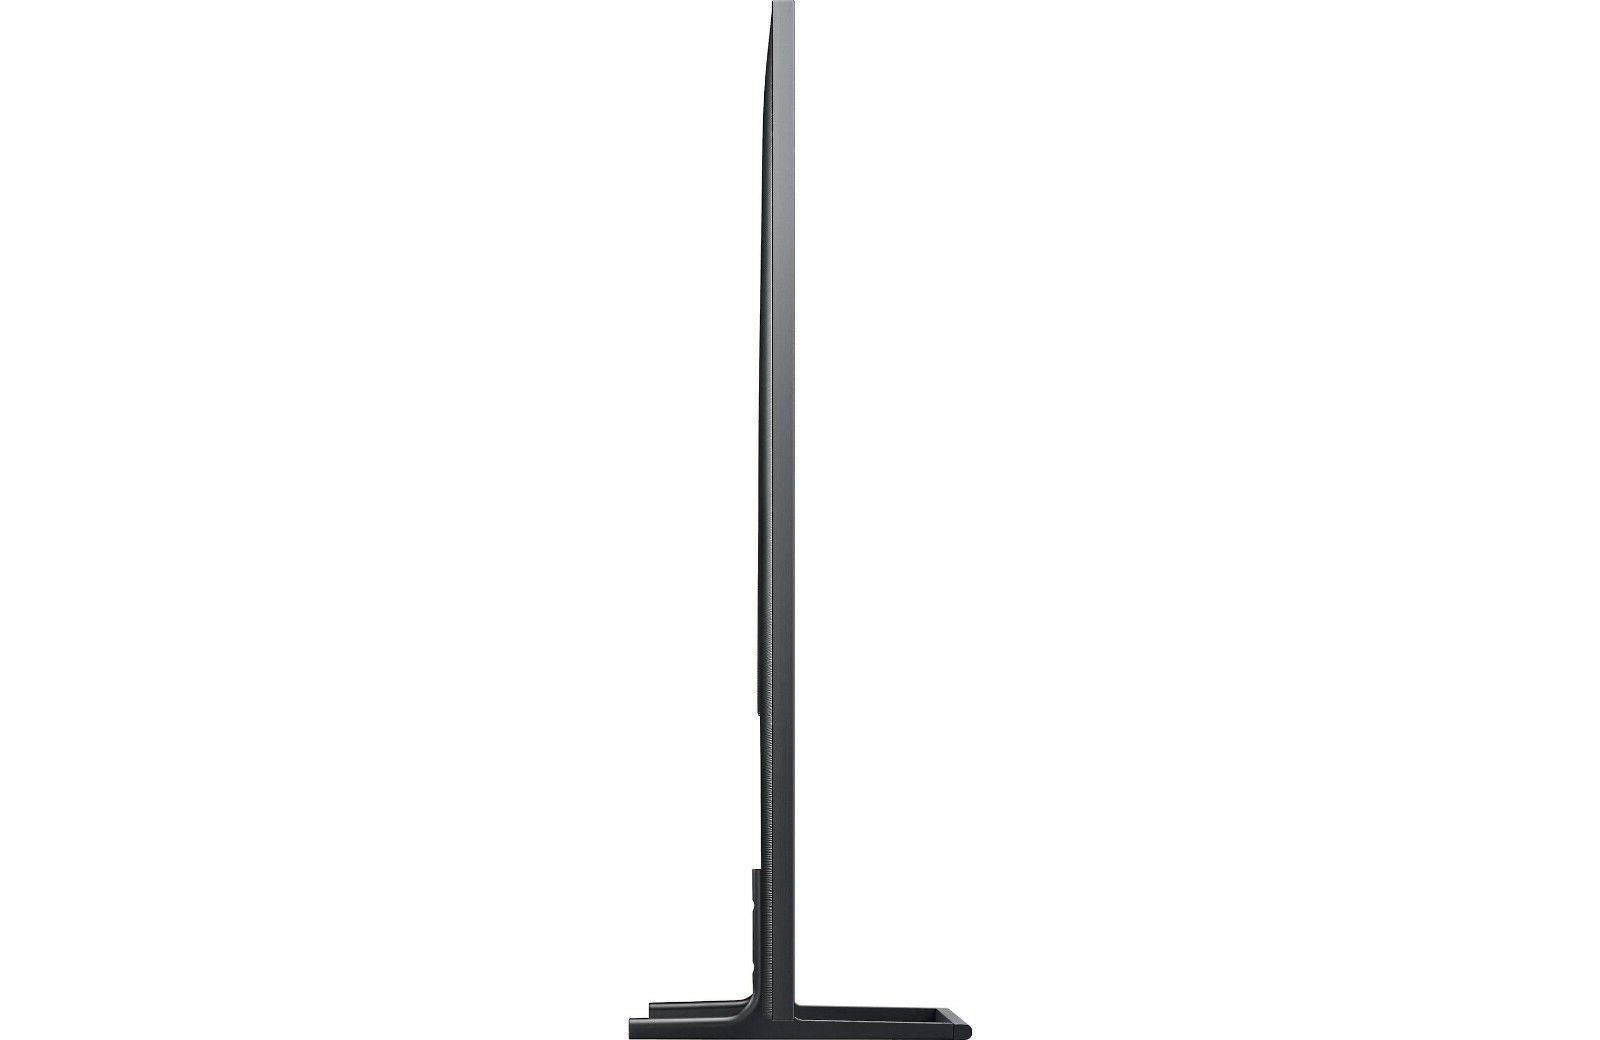 Samsung QN65Q9FN HD Smart